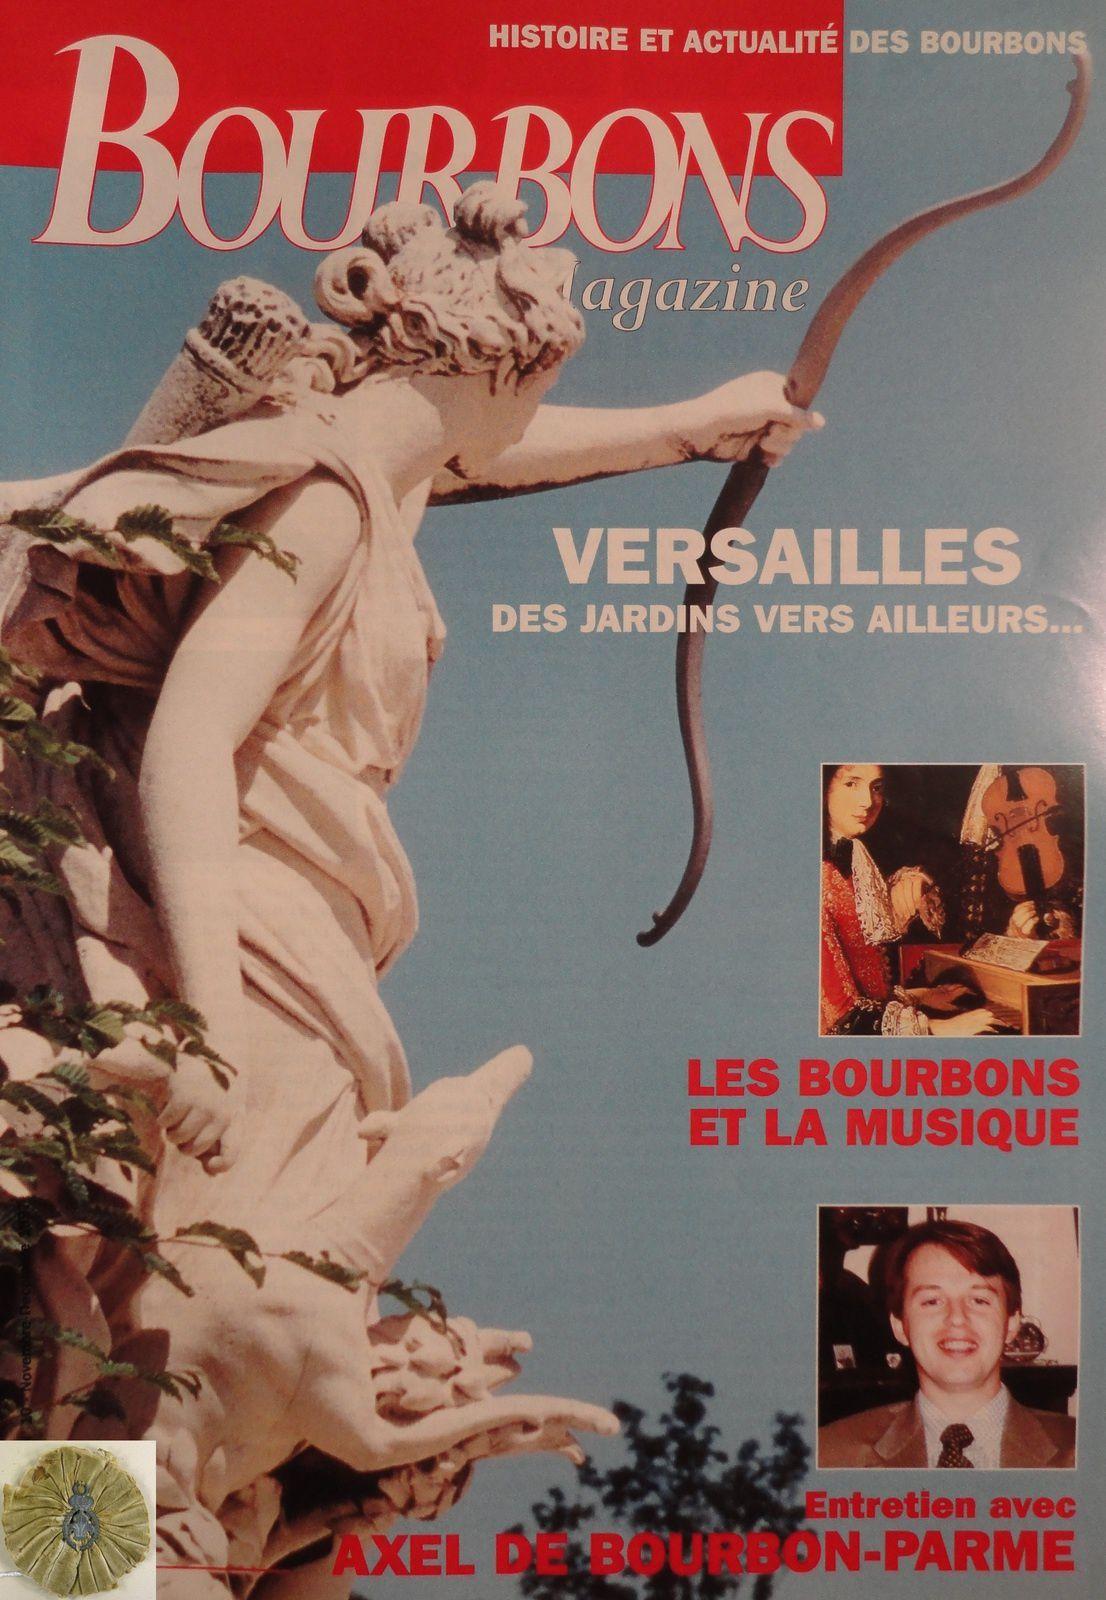 BOURBONS MAGAZINE NUMÉRO 10 - NOVEMBRE-DÉCEMBRE 1997 (BIMESTRIEL 35 F)